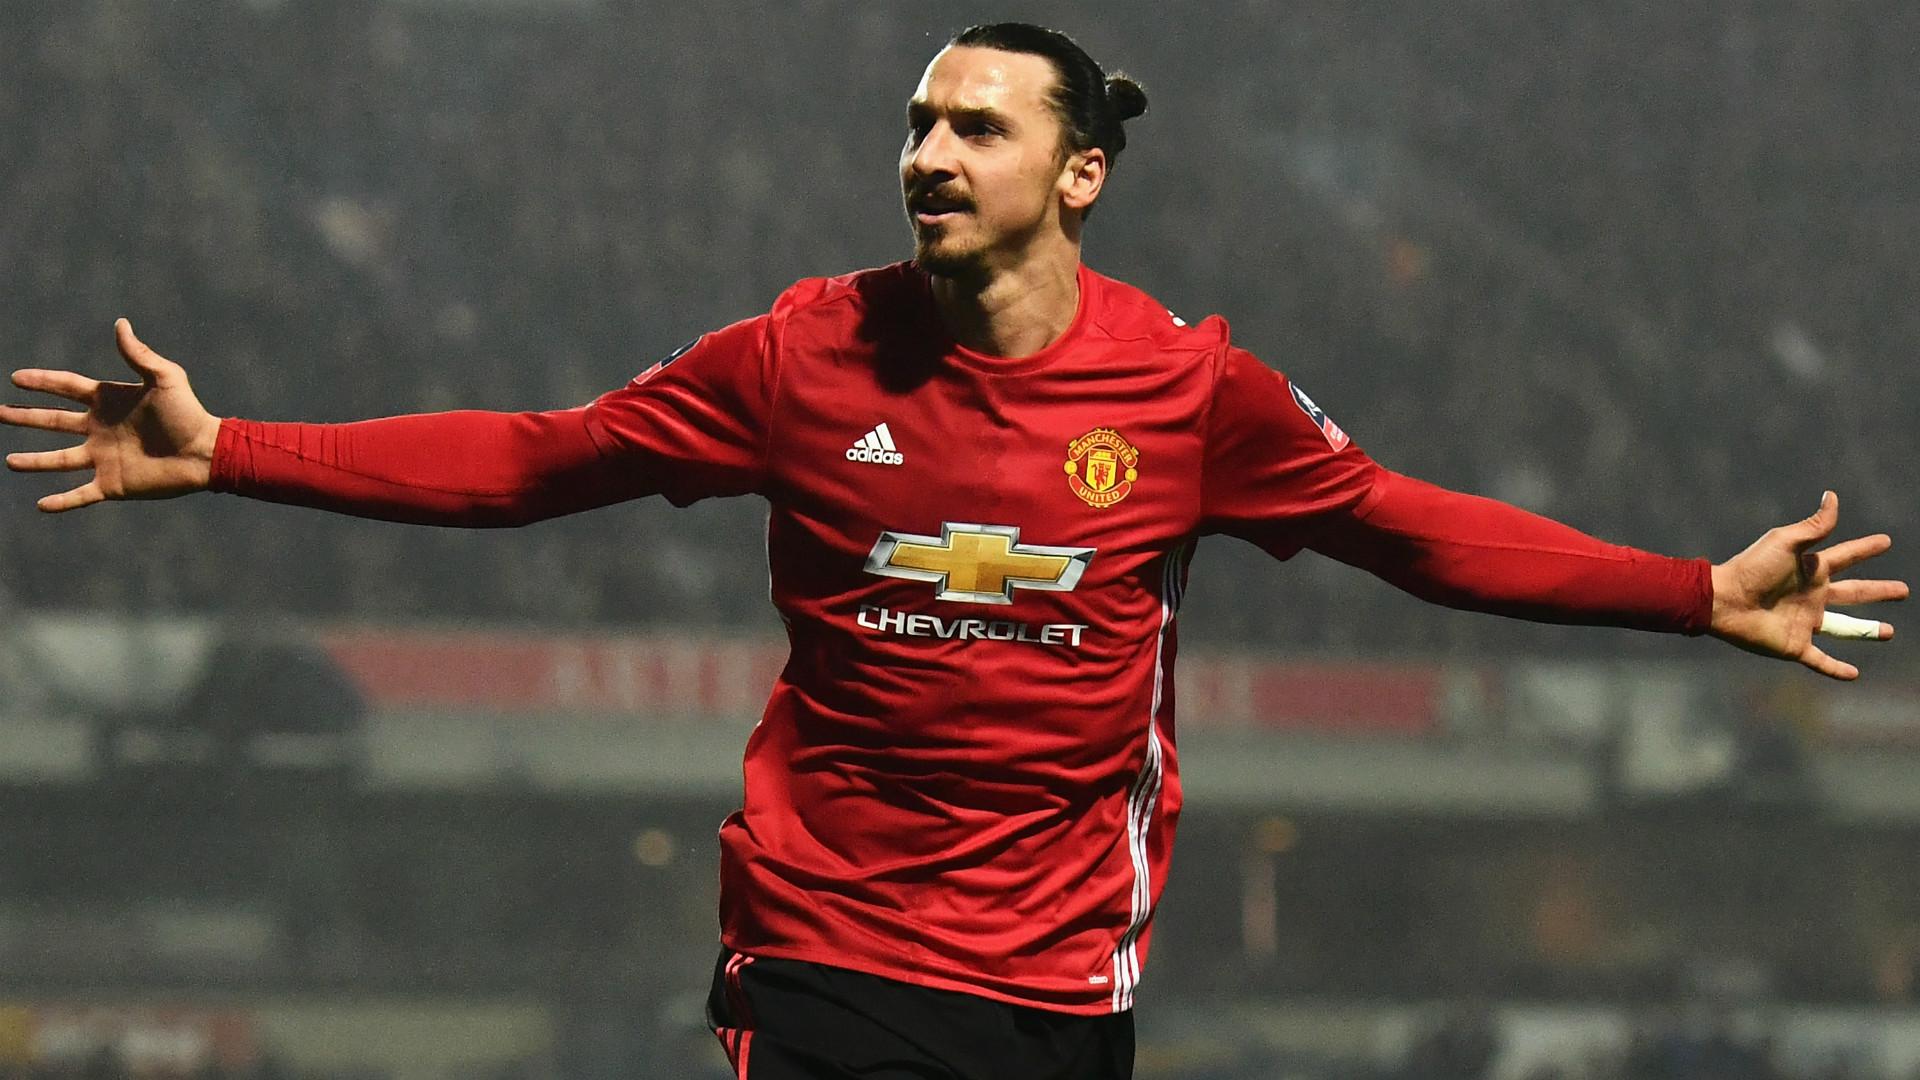 ZBOG POVREDE 'VAN POGONA': Mourinho poziva Ibrahimovića da se vrati na Old Trafford